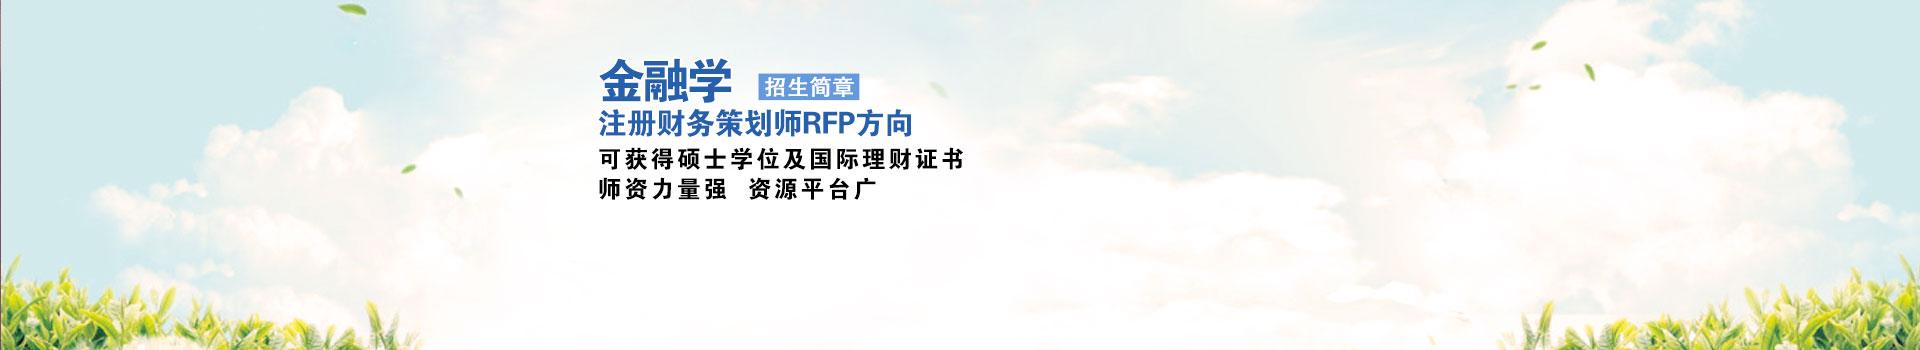 对外经济贸易大学金融学(注册财务策划师RFP方向)课程研修班招生简章